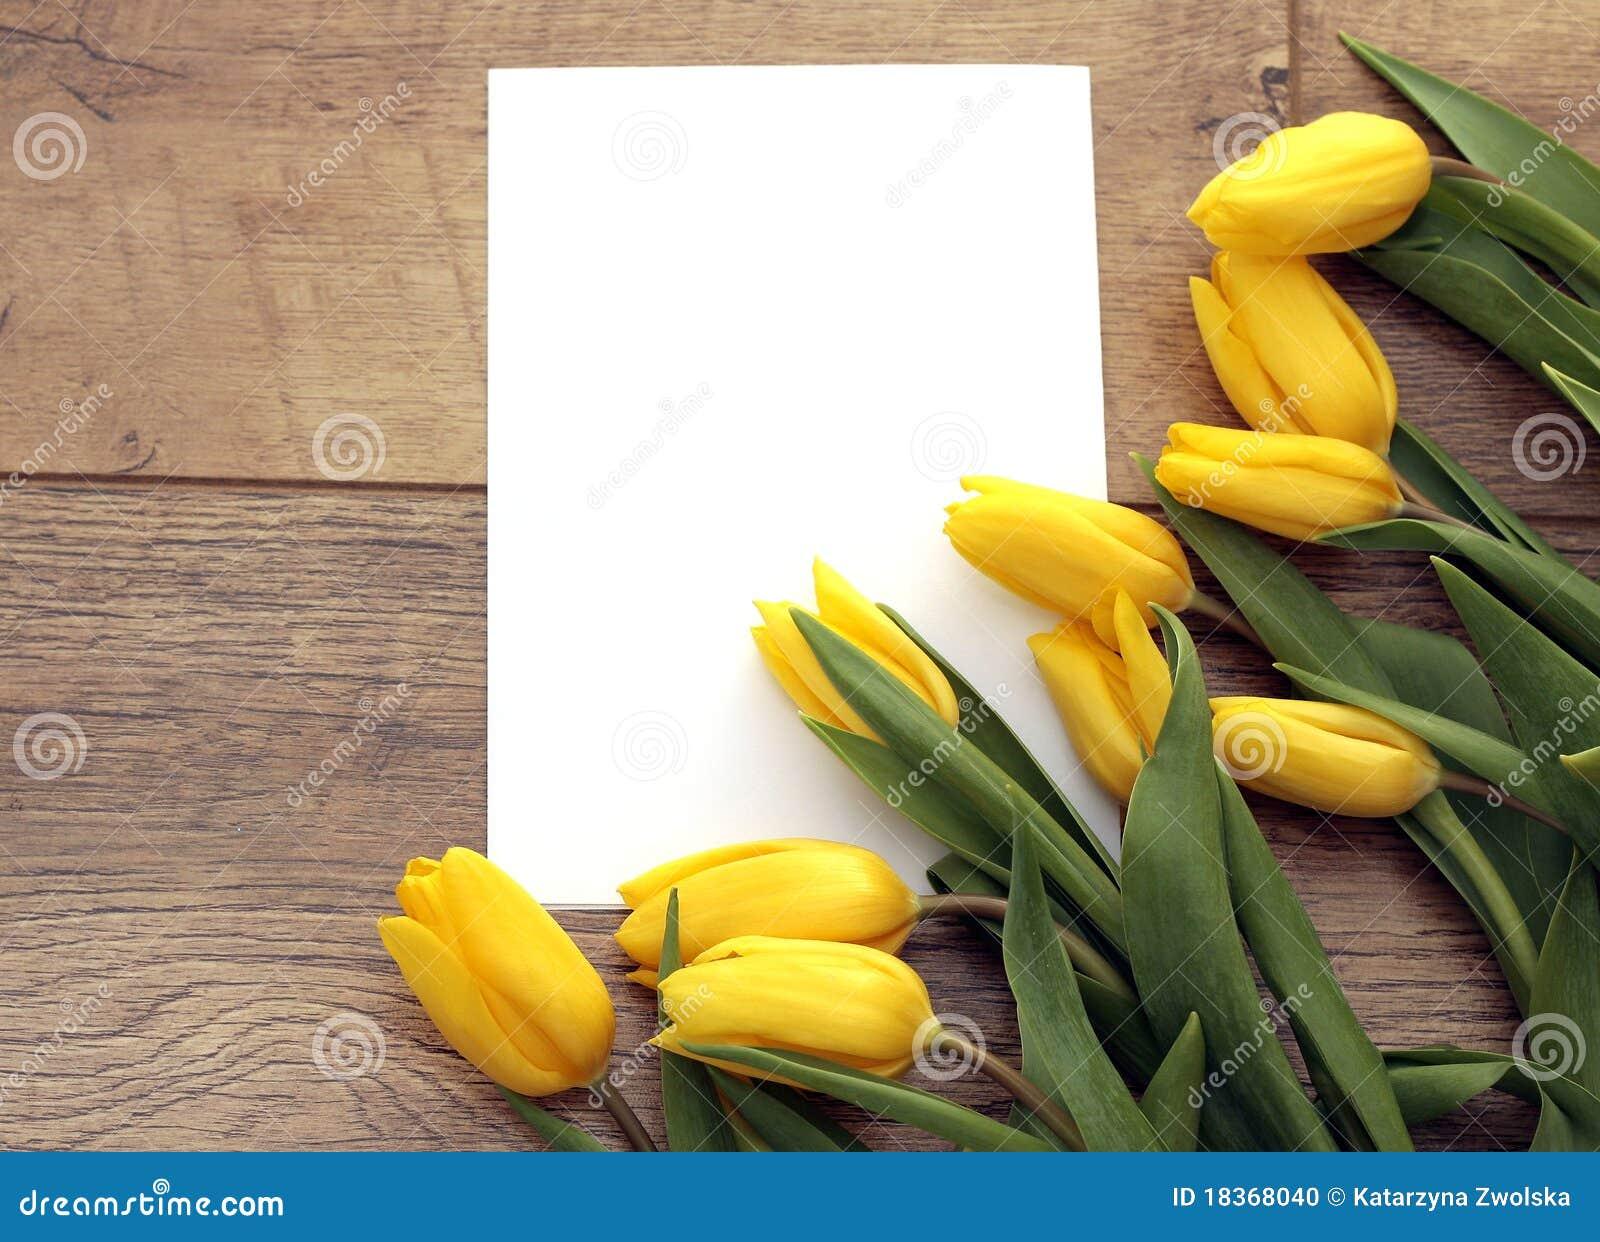 Romantic Letter Photo Image 18368040 – Romantic Letter